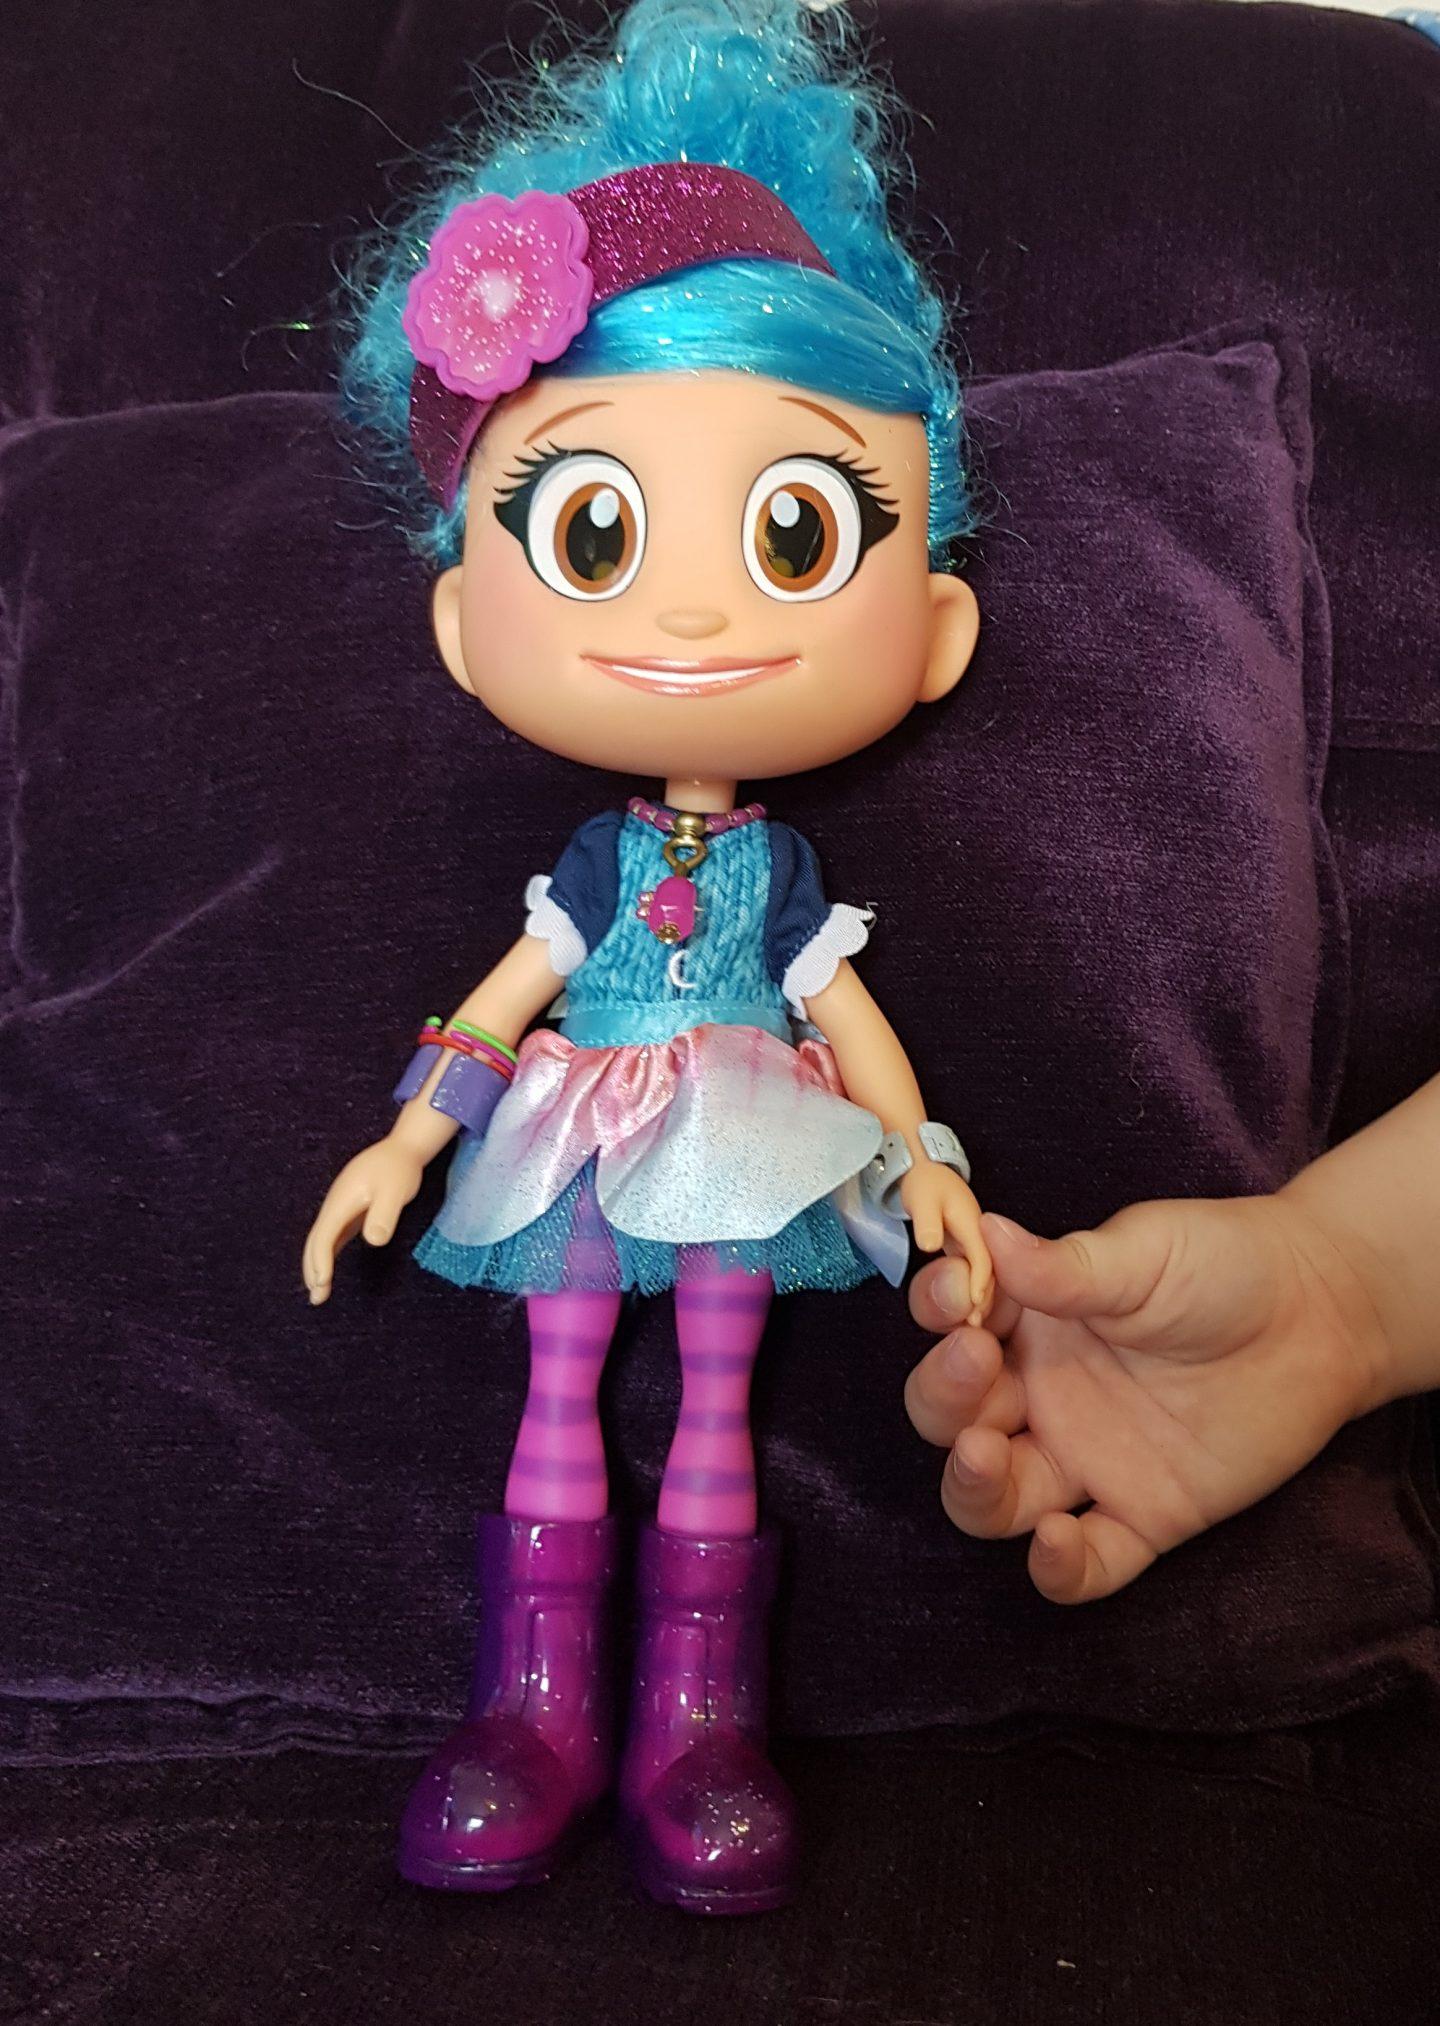 luna petunia doll